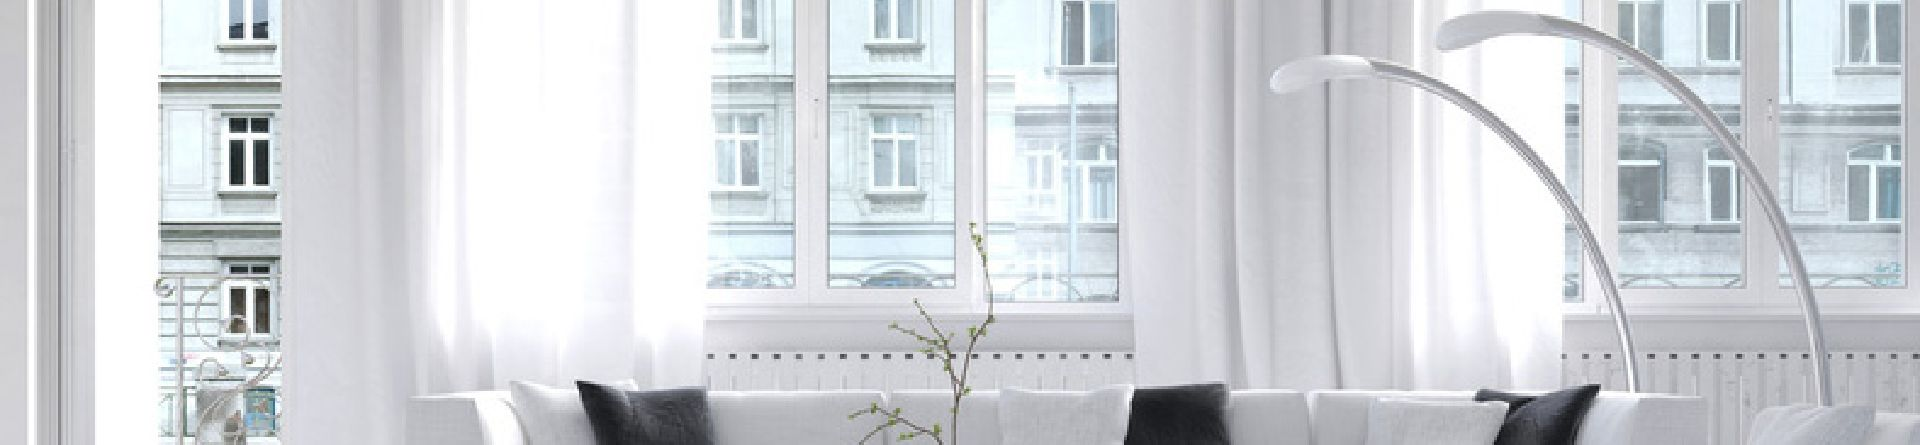 Fenster streichen und renovieren